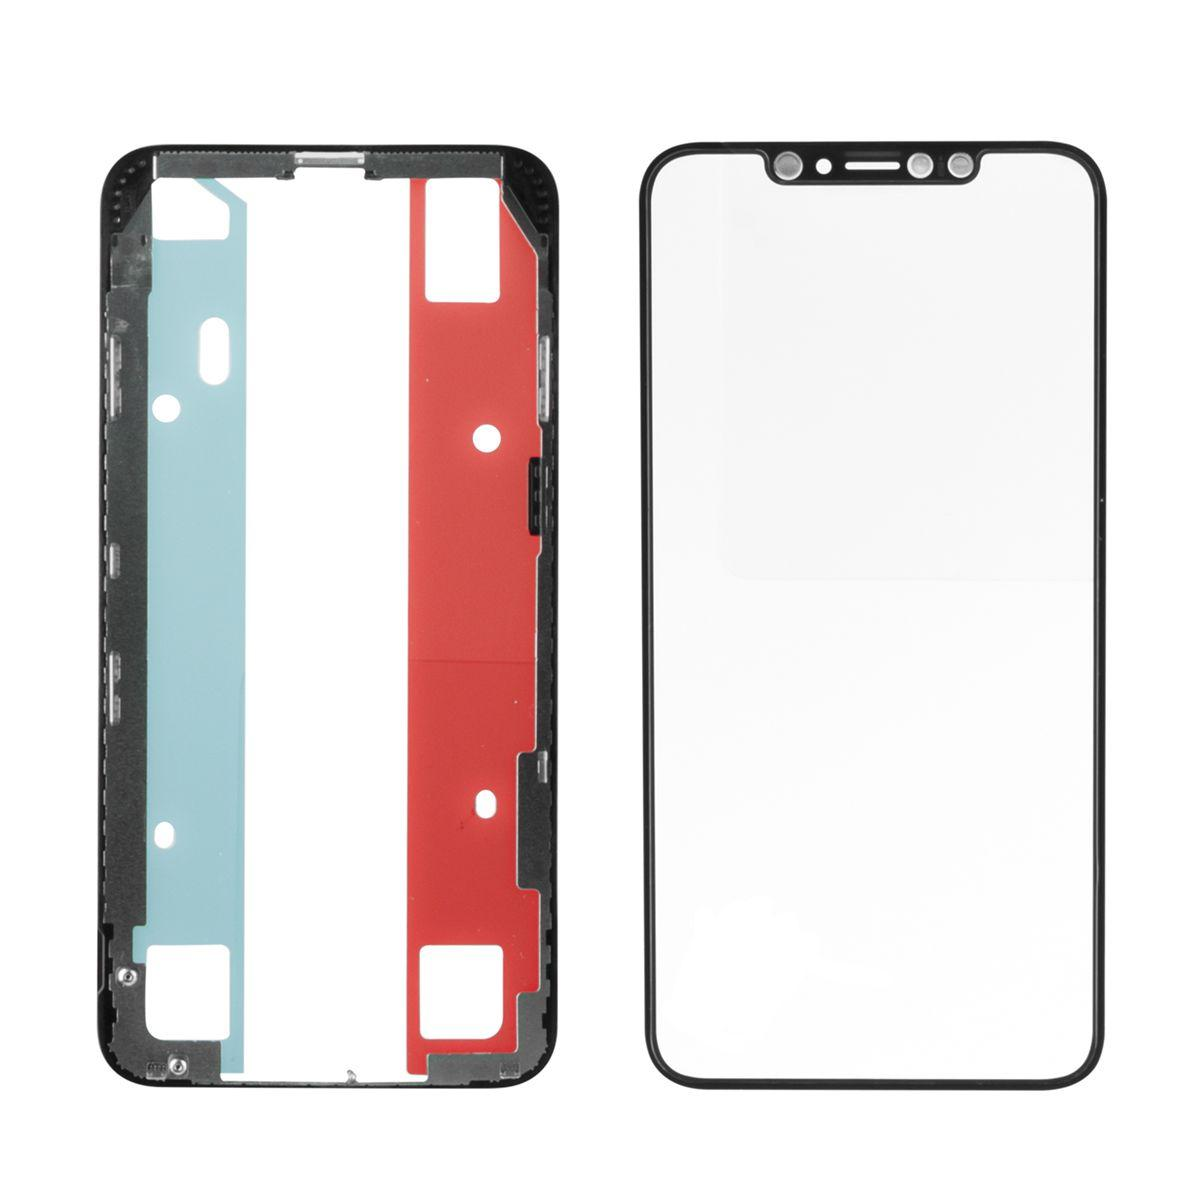 Стекло дисплей для iPhone XS Max (3 в 1) с рамкой и OCA пленкой, Black